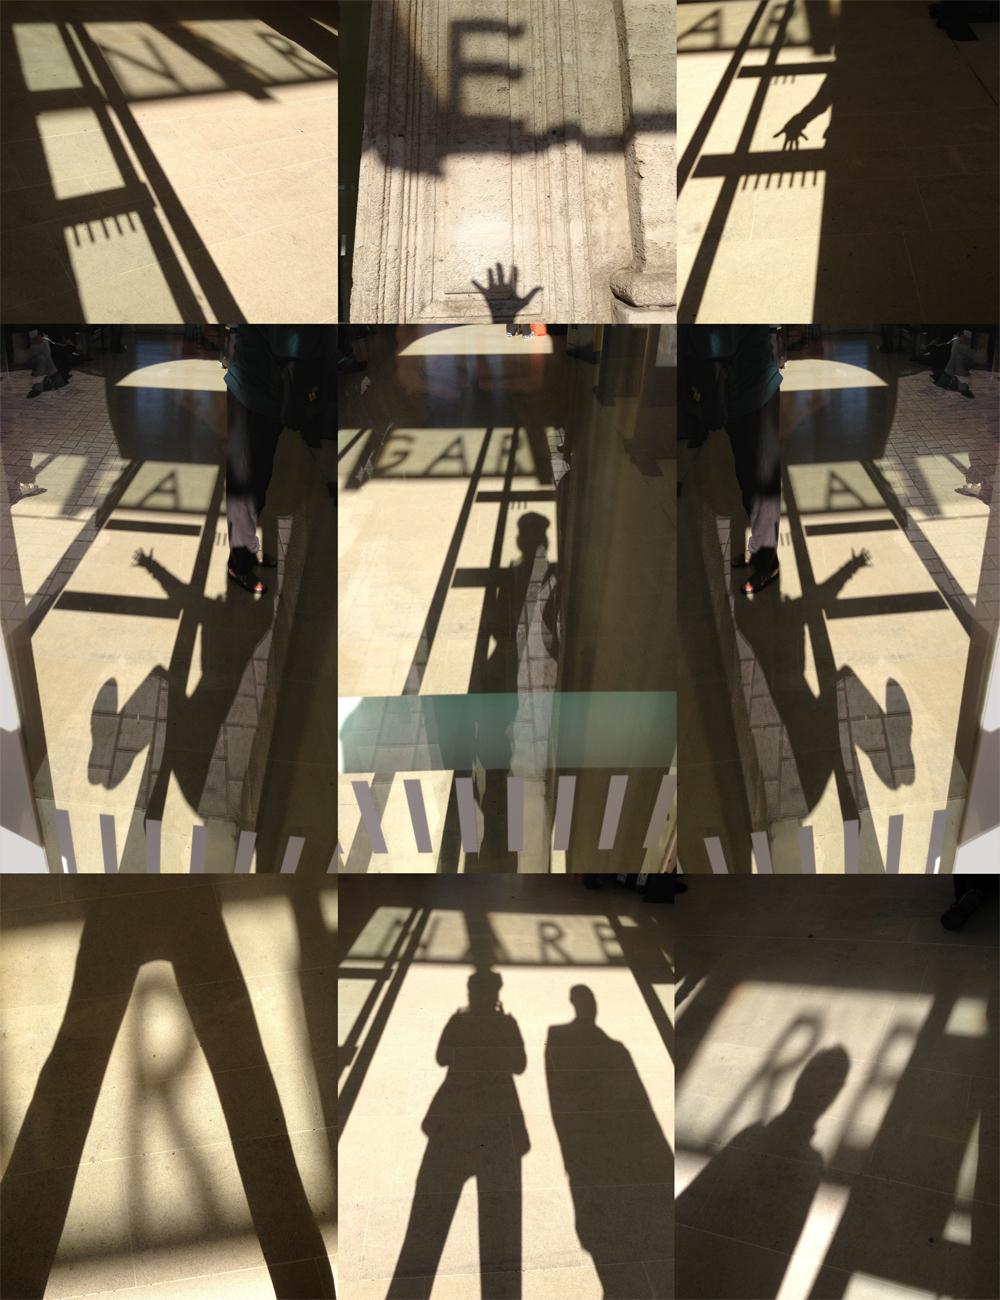 Narbonne-FinalEdit.jpg